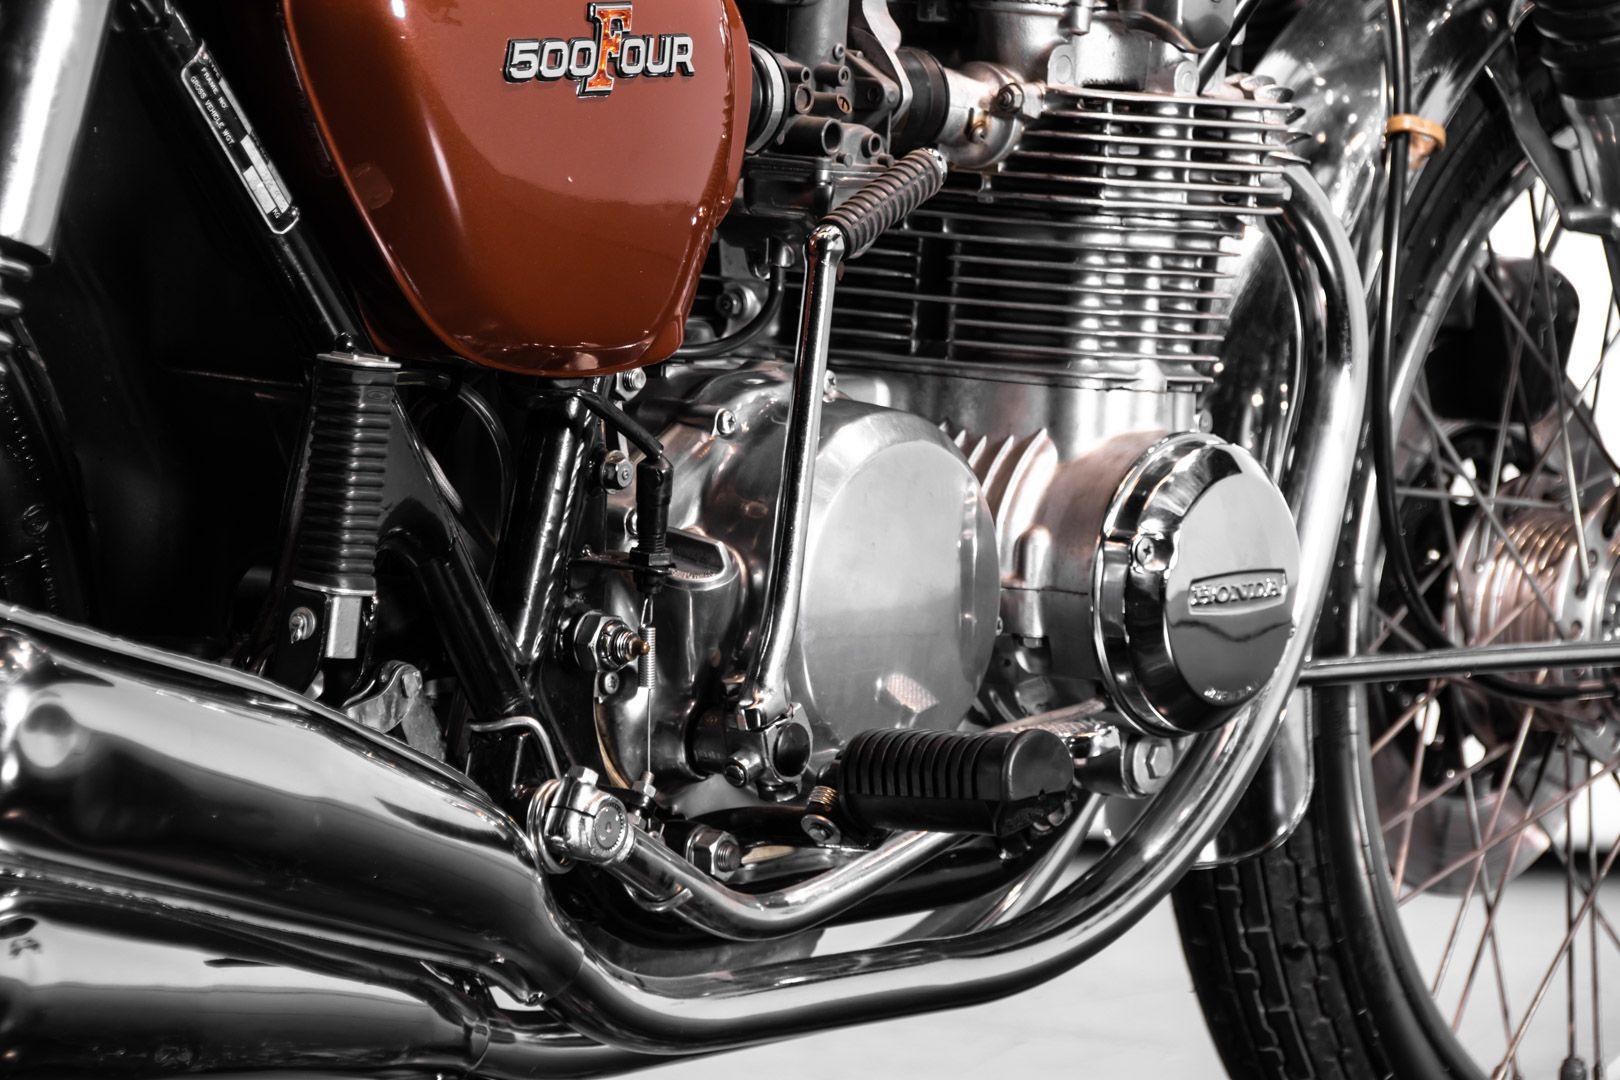 1972 Honda CB 500 Four 84083